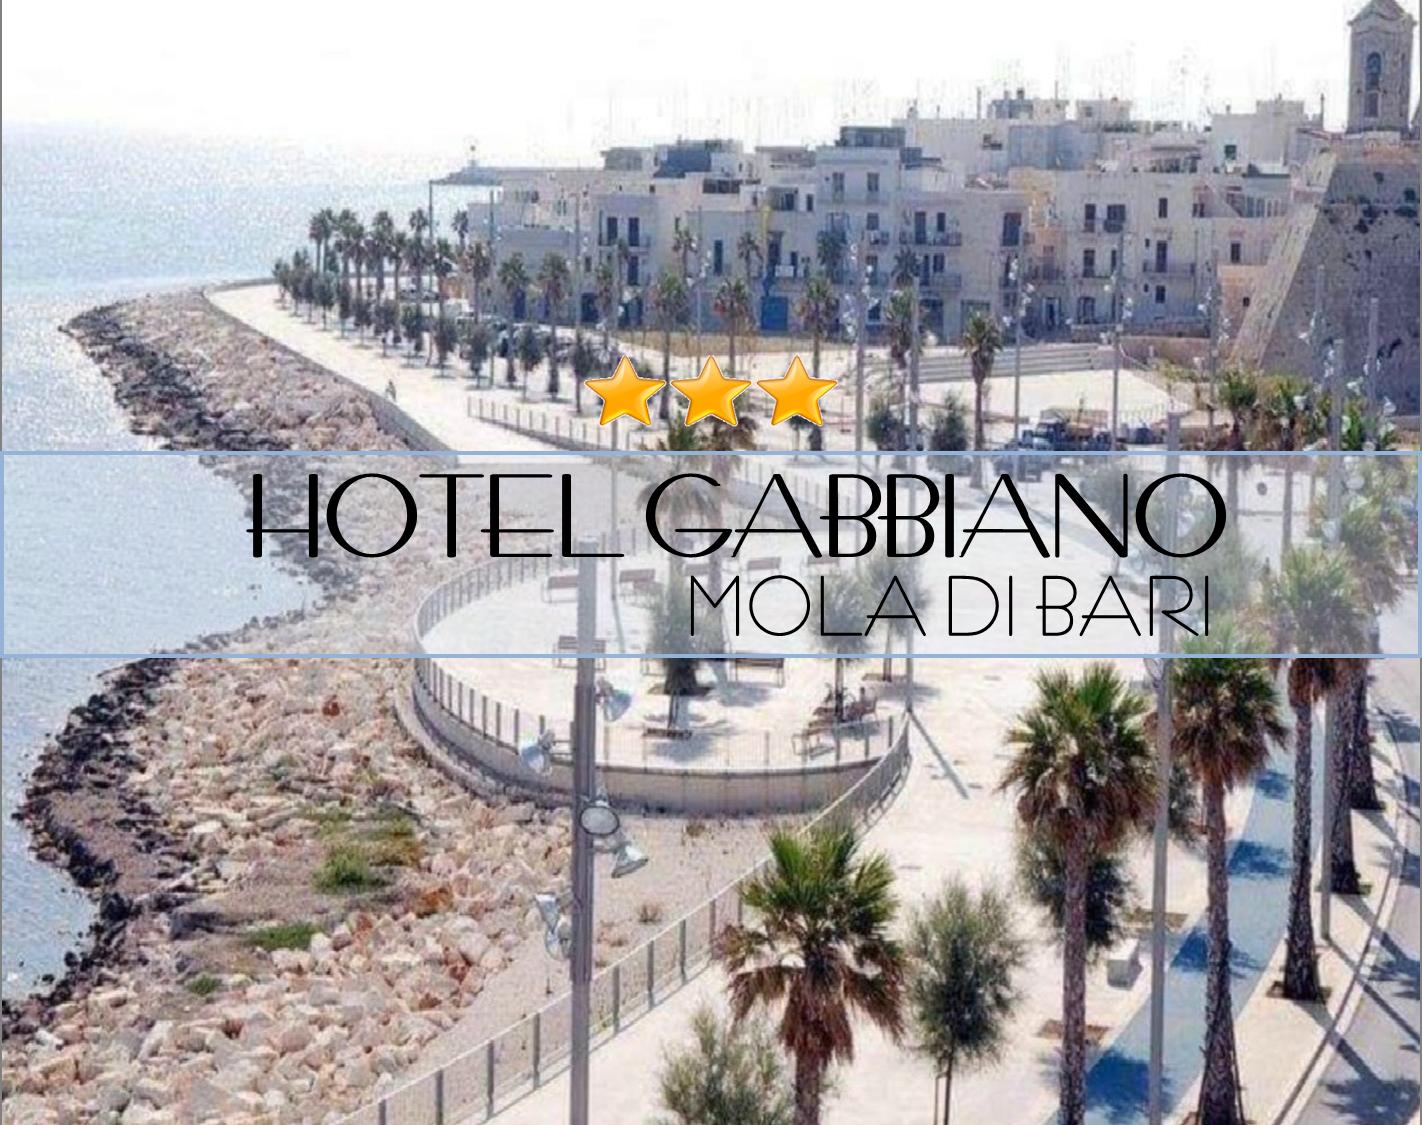 info e prenotazioni: info@hotelgabbiano.biz Tel. / fax 080 473 34 41 / 080 473 23 31 Viale Piero Delfino Pesce, 24 - 70042 Mola di Bari (BA) VIsitaci su: WWW.HOTELGABBIANO.BIZ #HOTELGABBIANO #MOLADIBARI #PUGLIA #HOTELROOMS #TOURISM #INSTATRAVEL #HOLIDAY #VACATION #TRAVEL #SEA #SUN #RELAX